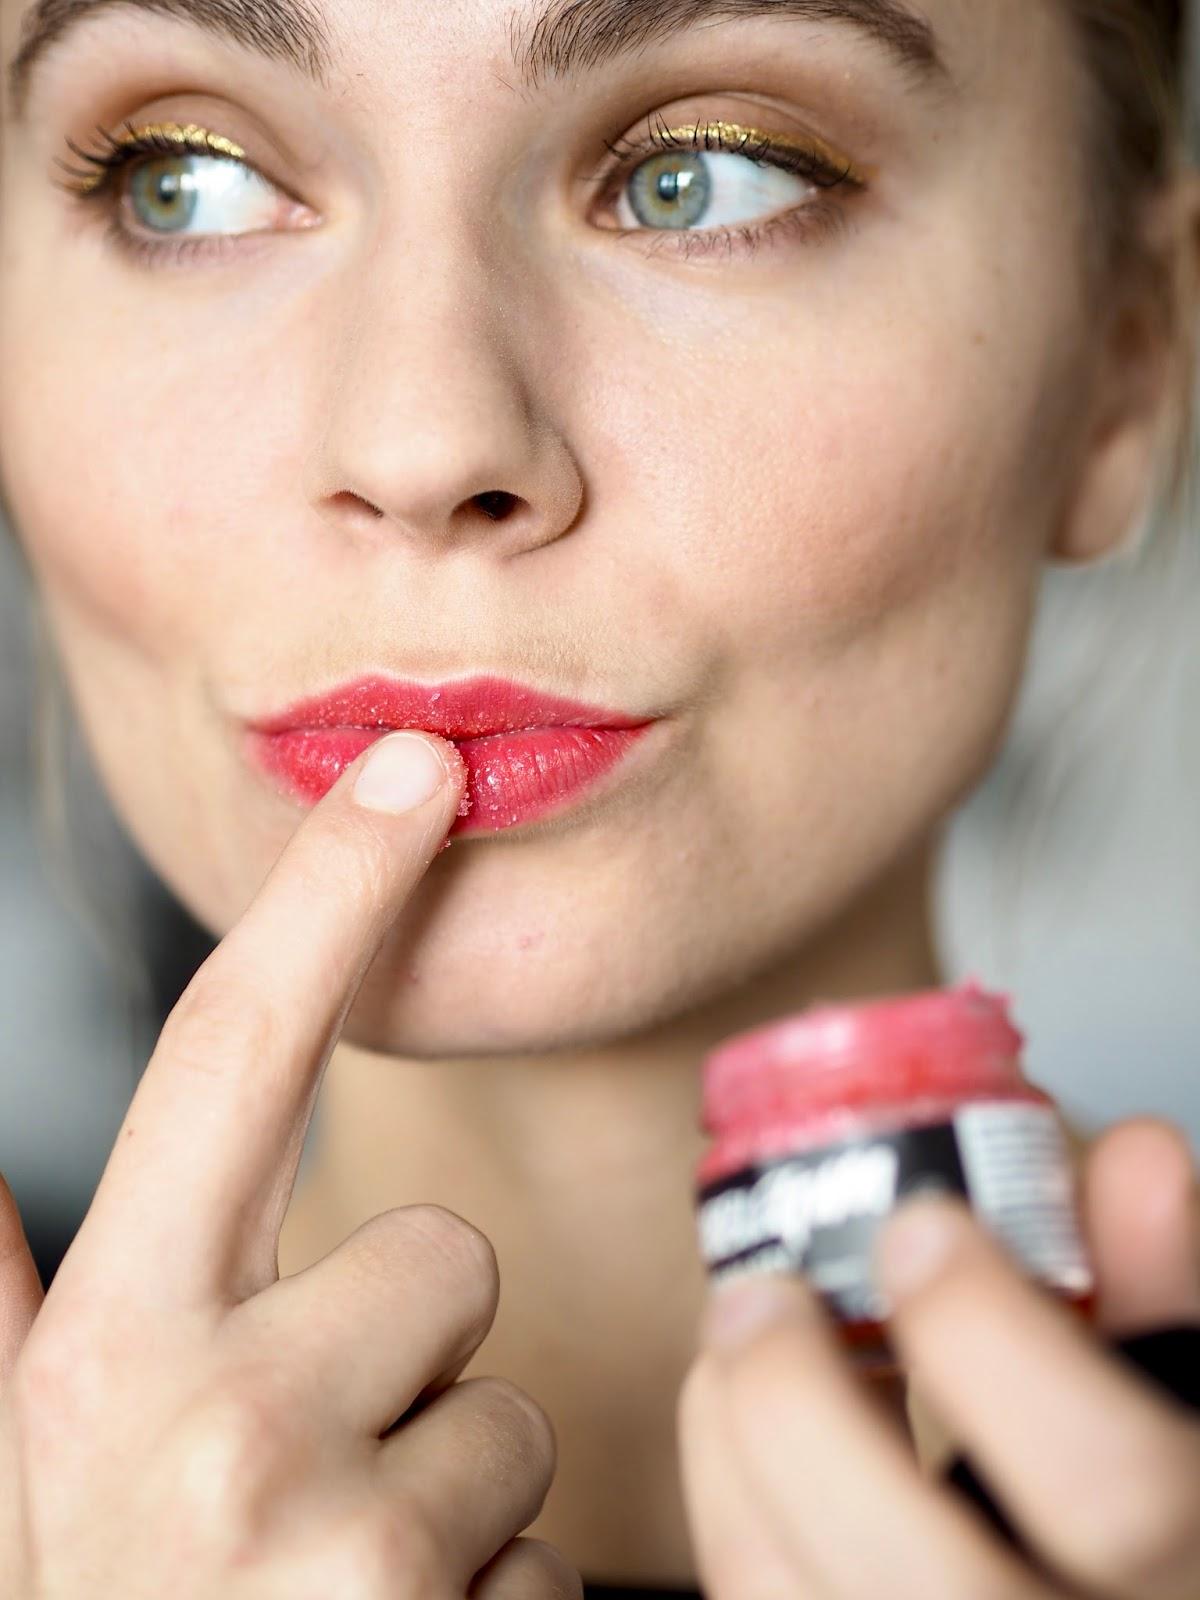 lush recenzia kozmetiky